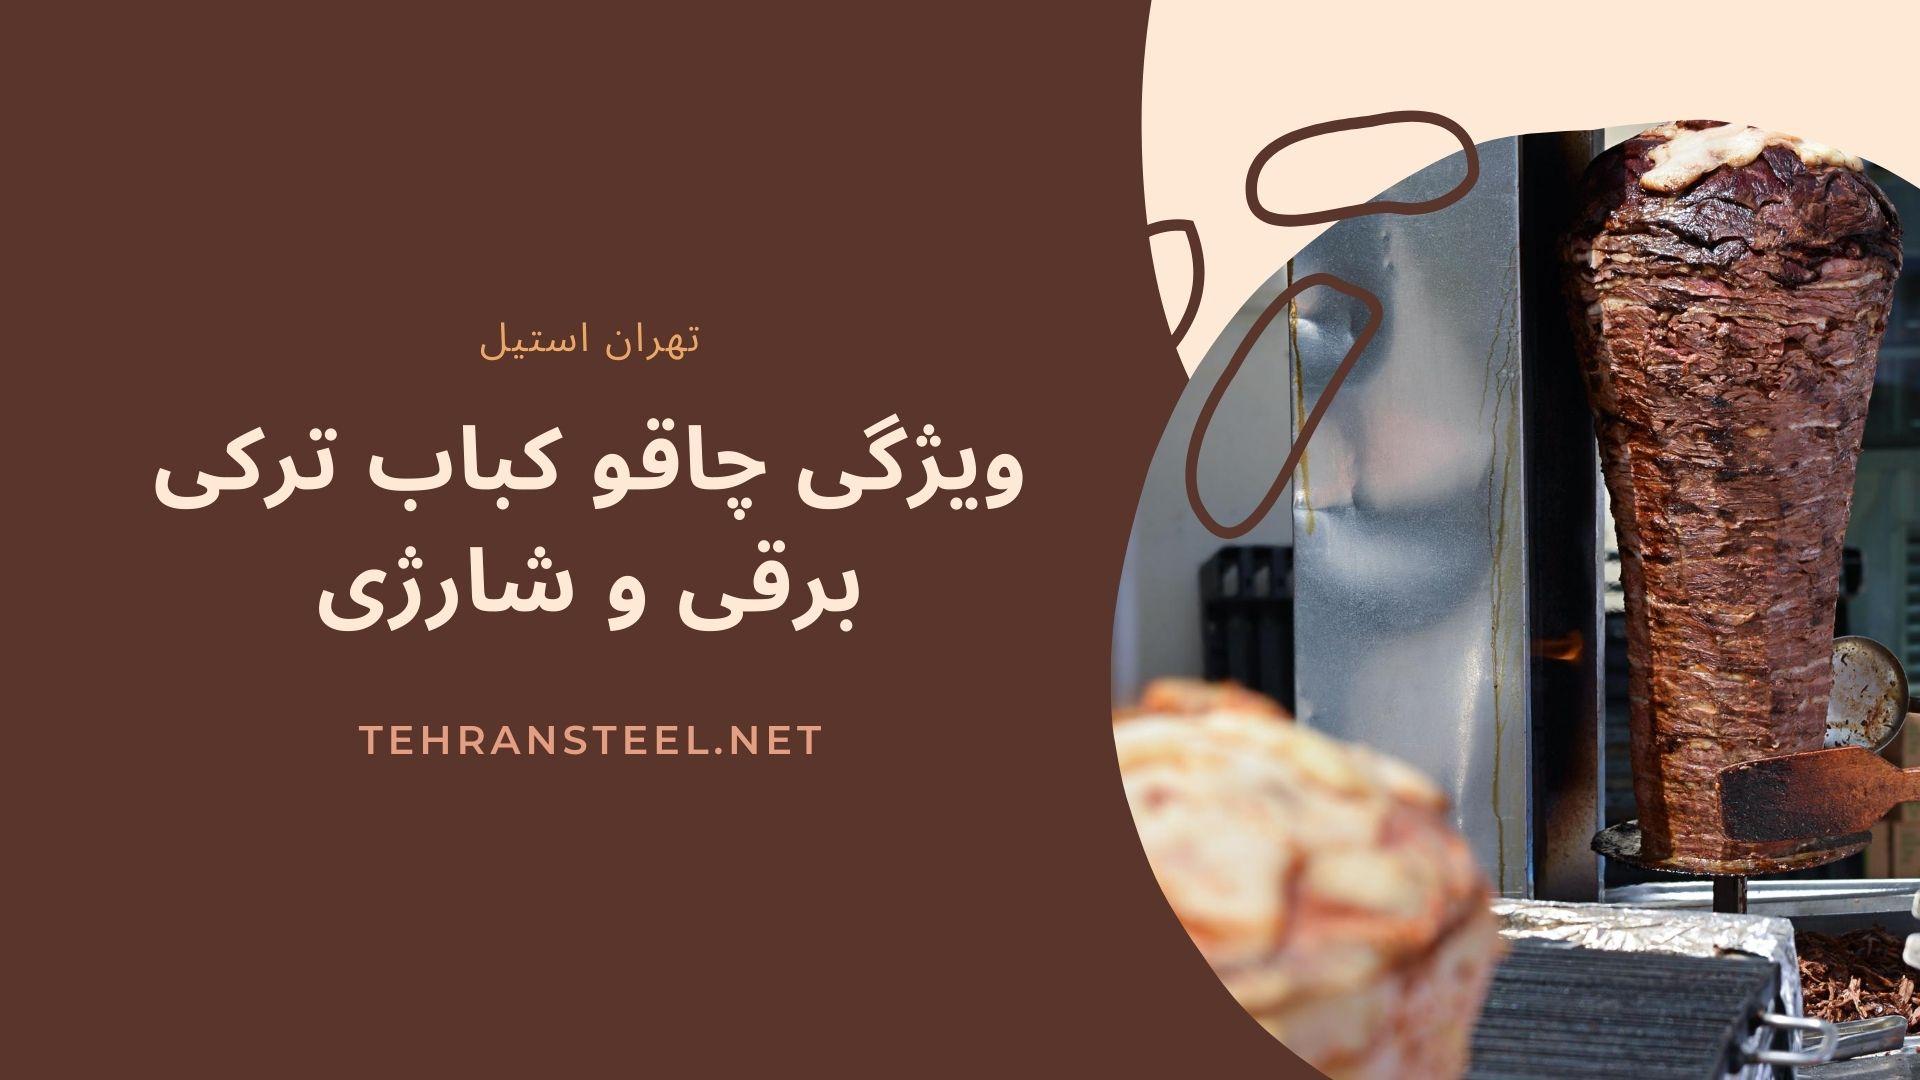 ویژگی چاقو کباب ترکی برقی و شارژی آشپزخانه صنعتی